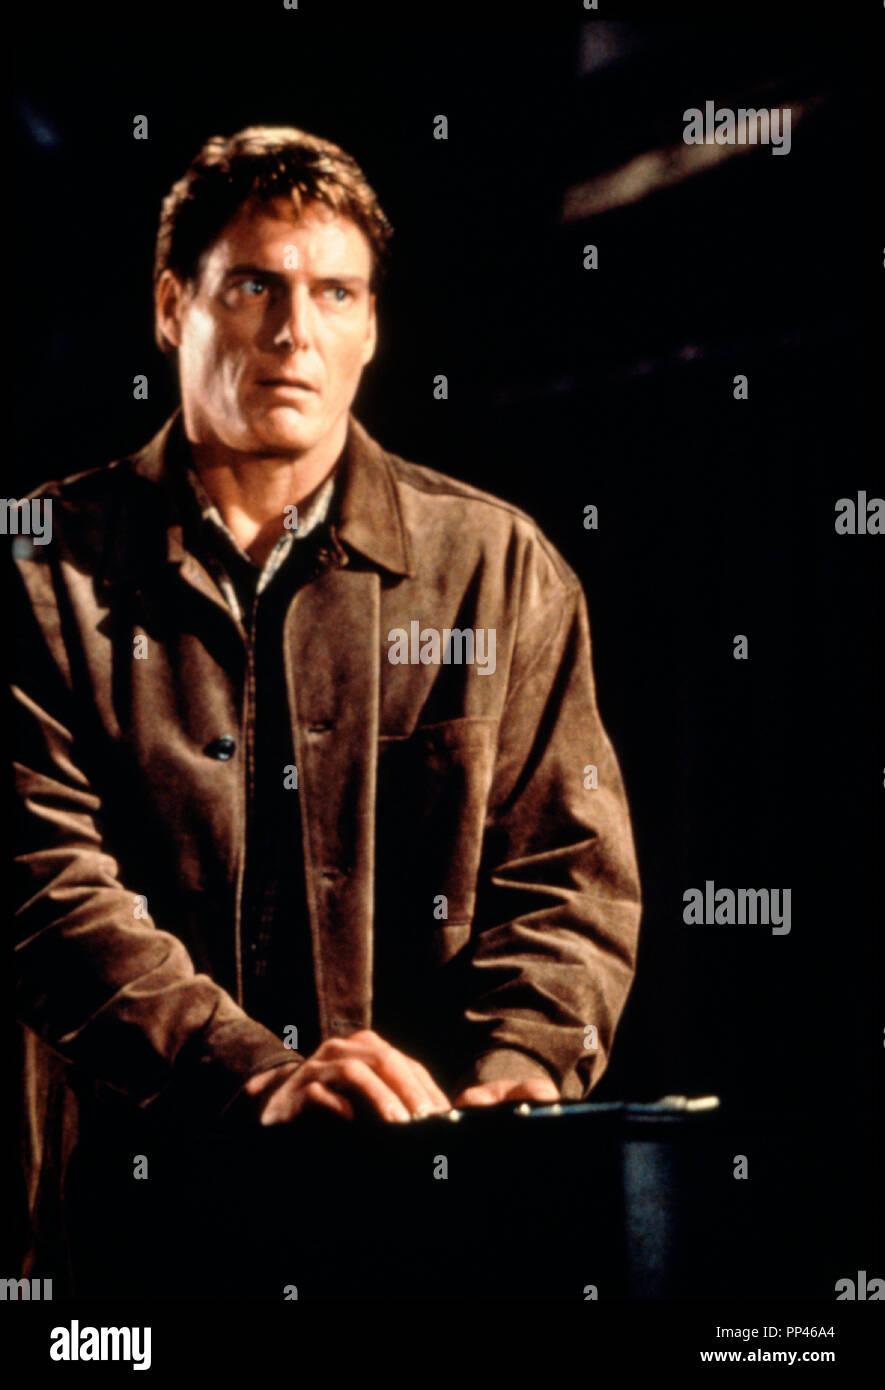 Prod DB © Universal / Alphaville Films / DR LE VILLAGE DES DAMNES (VILLAGE OF THE DAMNED) de John Carpenter 1995 USA avec Christopher Reeve d'apres le roman de John Wyndham 'THE MIDWICH CUKOOS' remake de LE VILLAGE DES DAMNES (1960) - Stock Image